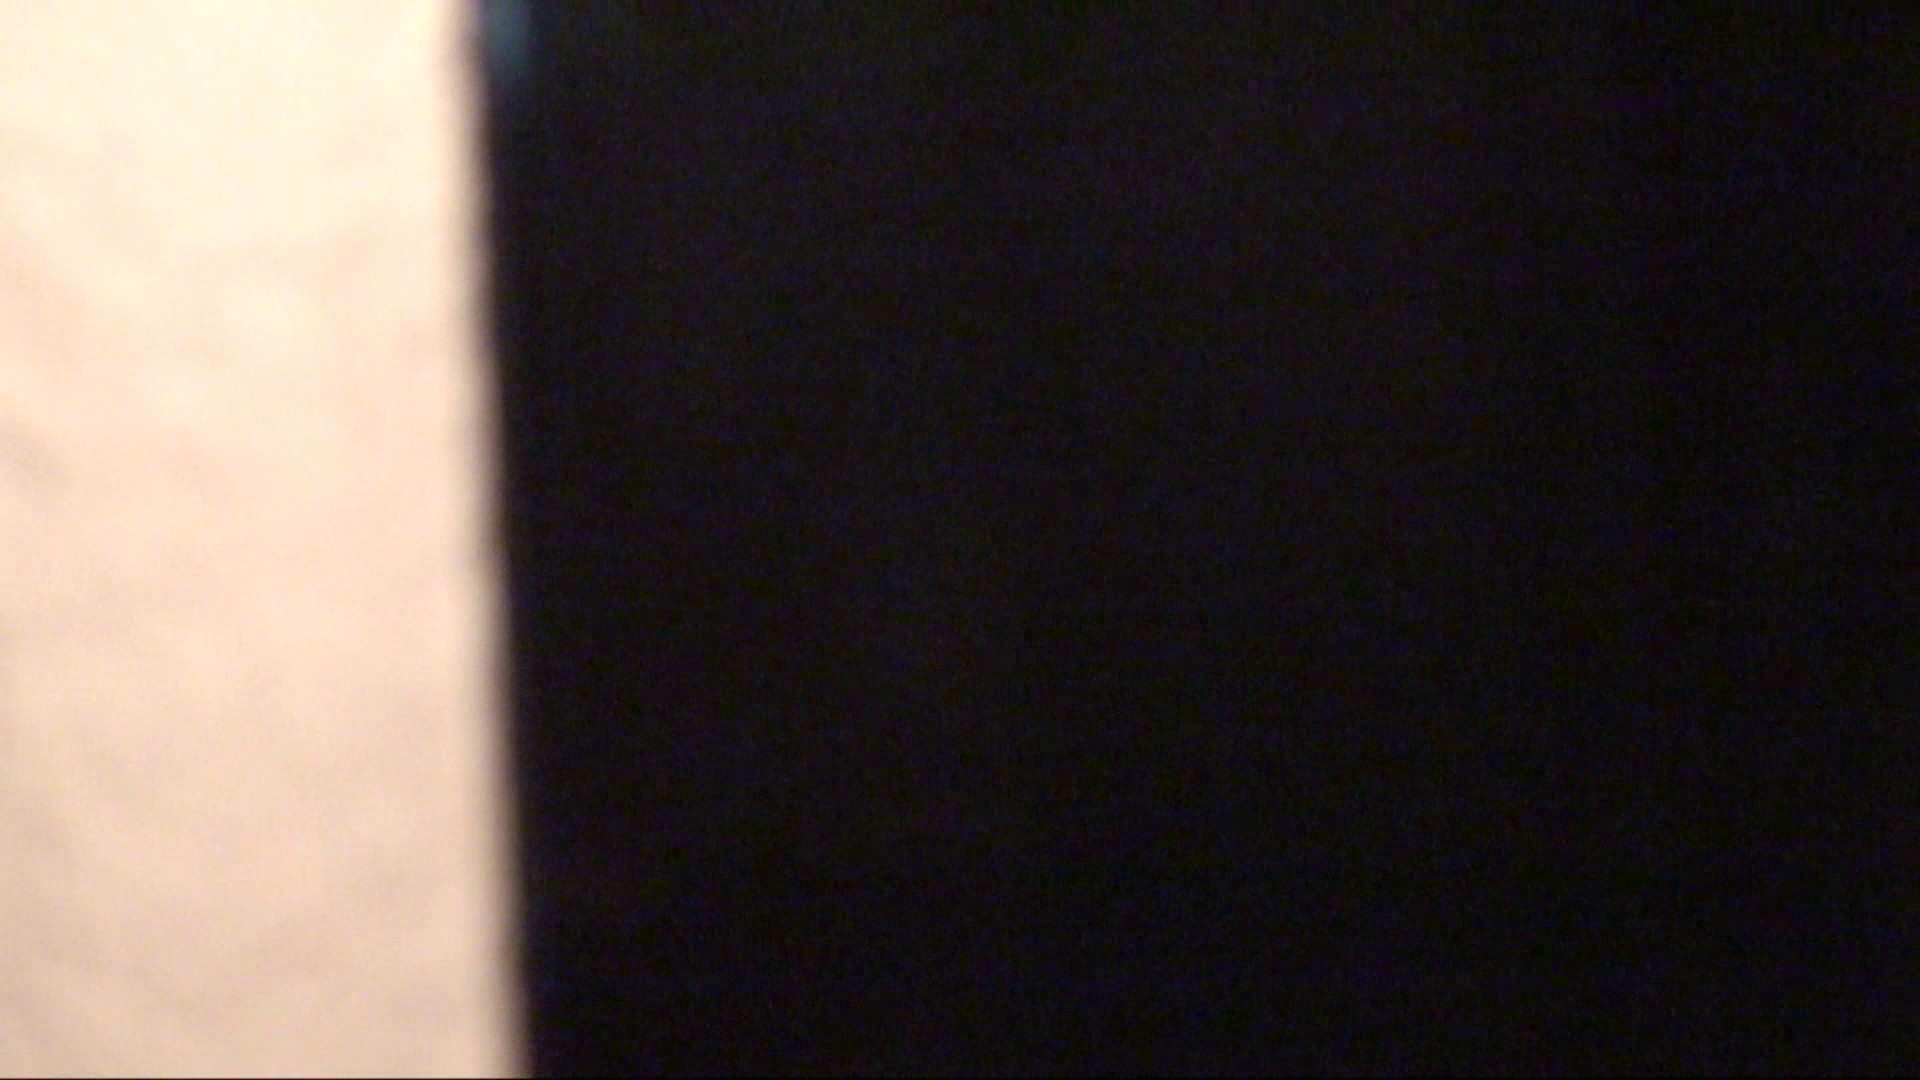 vol.01必見!白肌嬢の乳首が丸見え。極上美人のすっぴん顔をハイビジョンで! 色っぽいOL達 えろ無修正画像 89pic 23